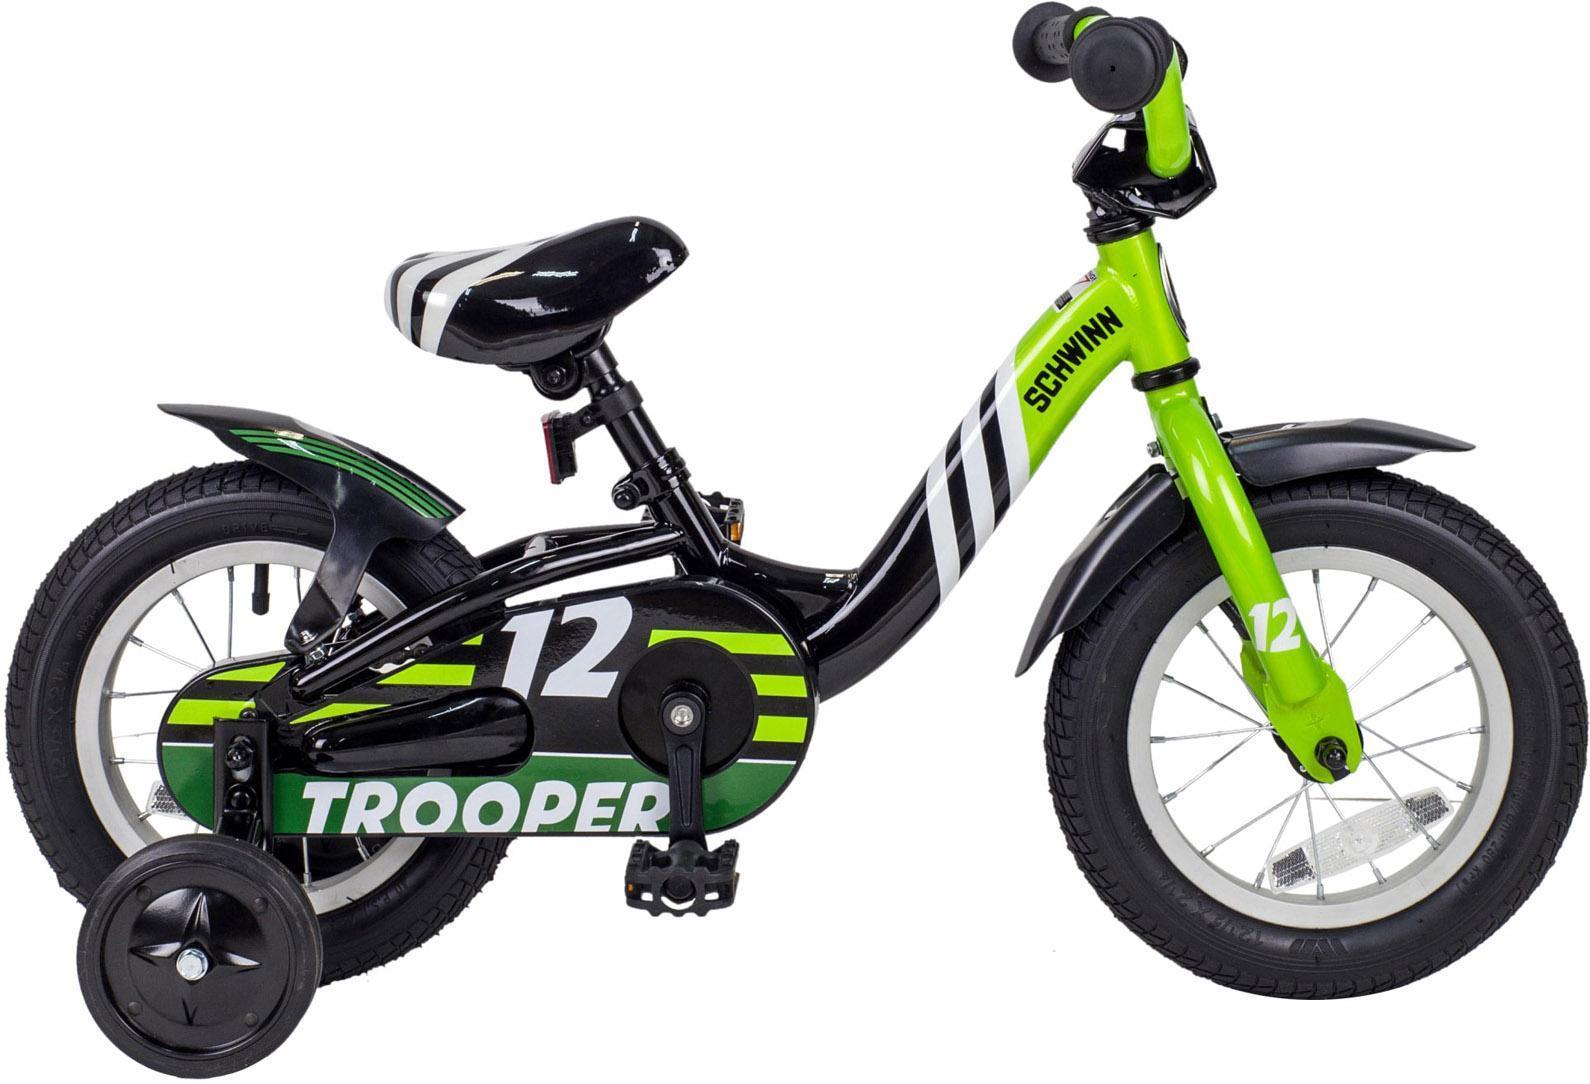 Велосипед детский Schwinn Trooper (2015) Black-Lime43247Schwinn Trooper 2015 года – это уникальный велосипед в своем классе! Беговел и велосипед в одной модели! Перевоплощение происходит очень легко благодаря быстросъемным шатунам! Стильная модель собрана на новой прочной раме и рассчитана на мальчиков в возрасте от 1 до 3 лет. Бренд Schwinn – это традиционное качество, которое остается неизменным уже на протяжении более 100 лет. Родители оценят универсальность, безопасность и легкий вес велосипеда, а детям понравится яркий и удобный дизайн! Вилка: Schwinn Седло: Schwinn Sidewalk Kids Цепь: KMC Z410 Спицы: Stainless 14g Задняя втулка: Schwinn Задняя покрышка: Schwinn Передняя покрышка: Schwinn Размер рамы: 12.0